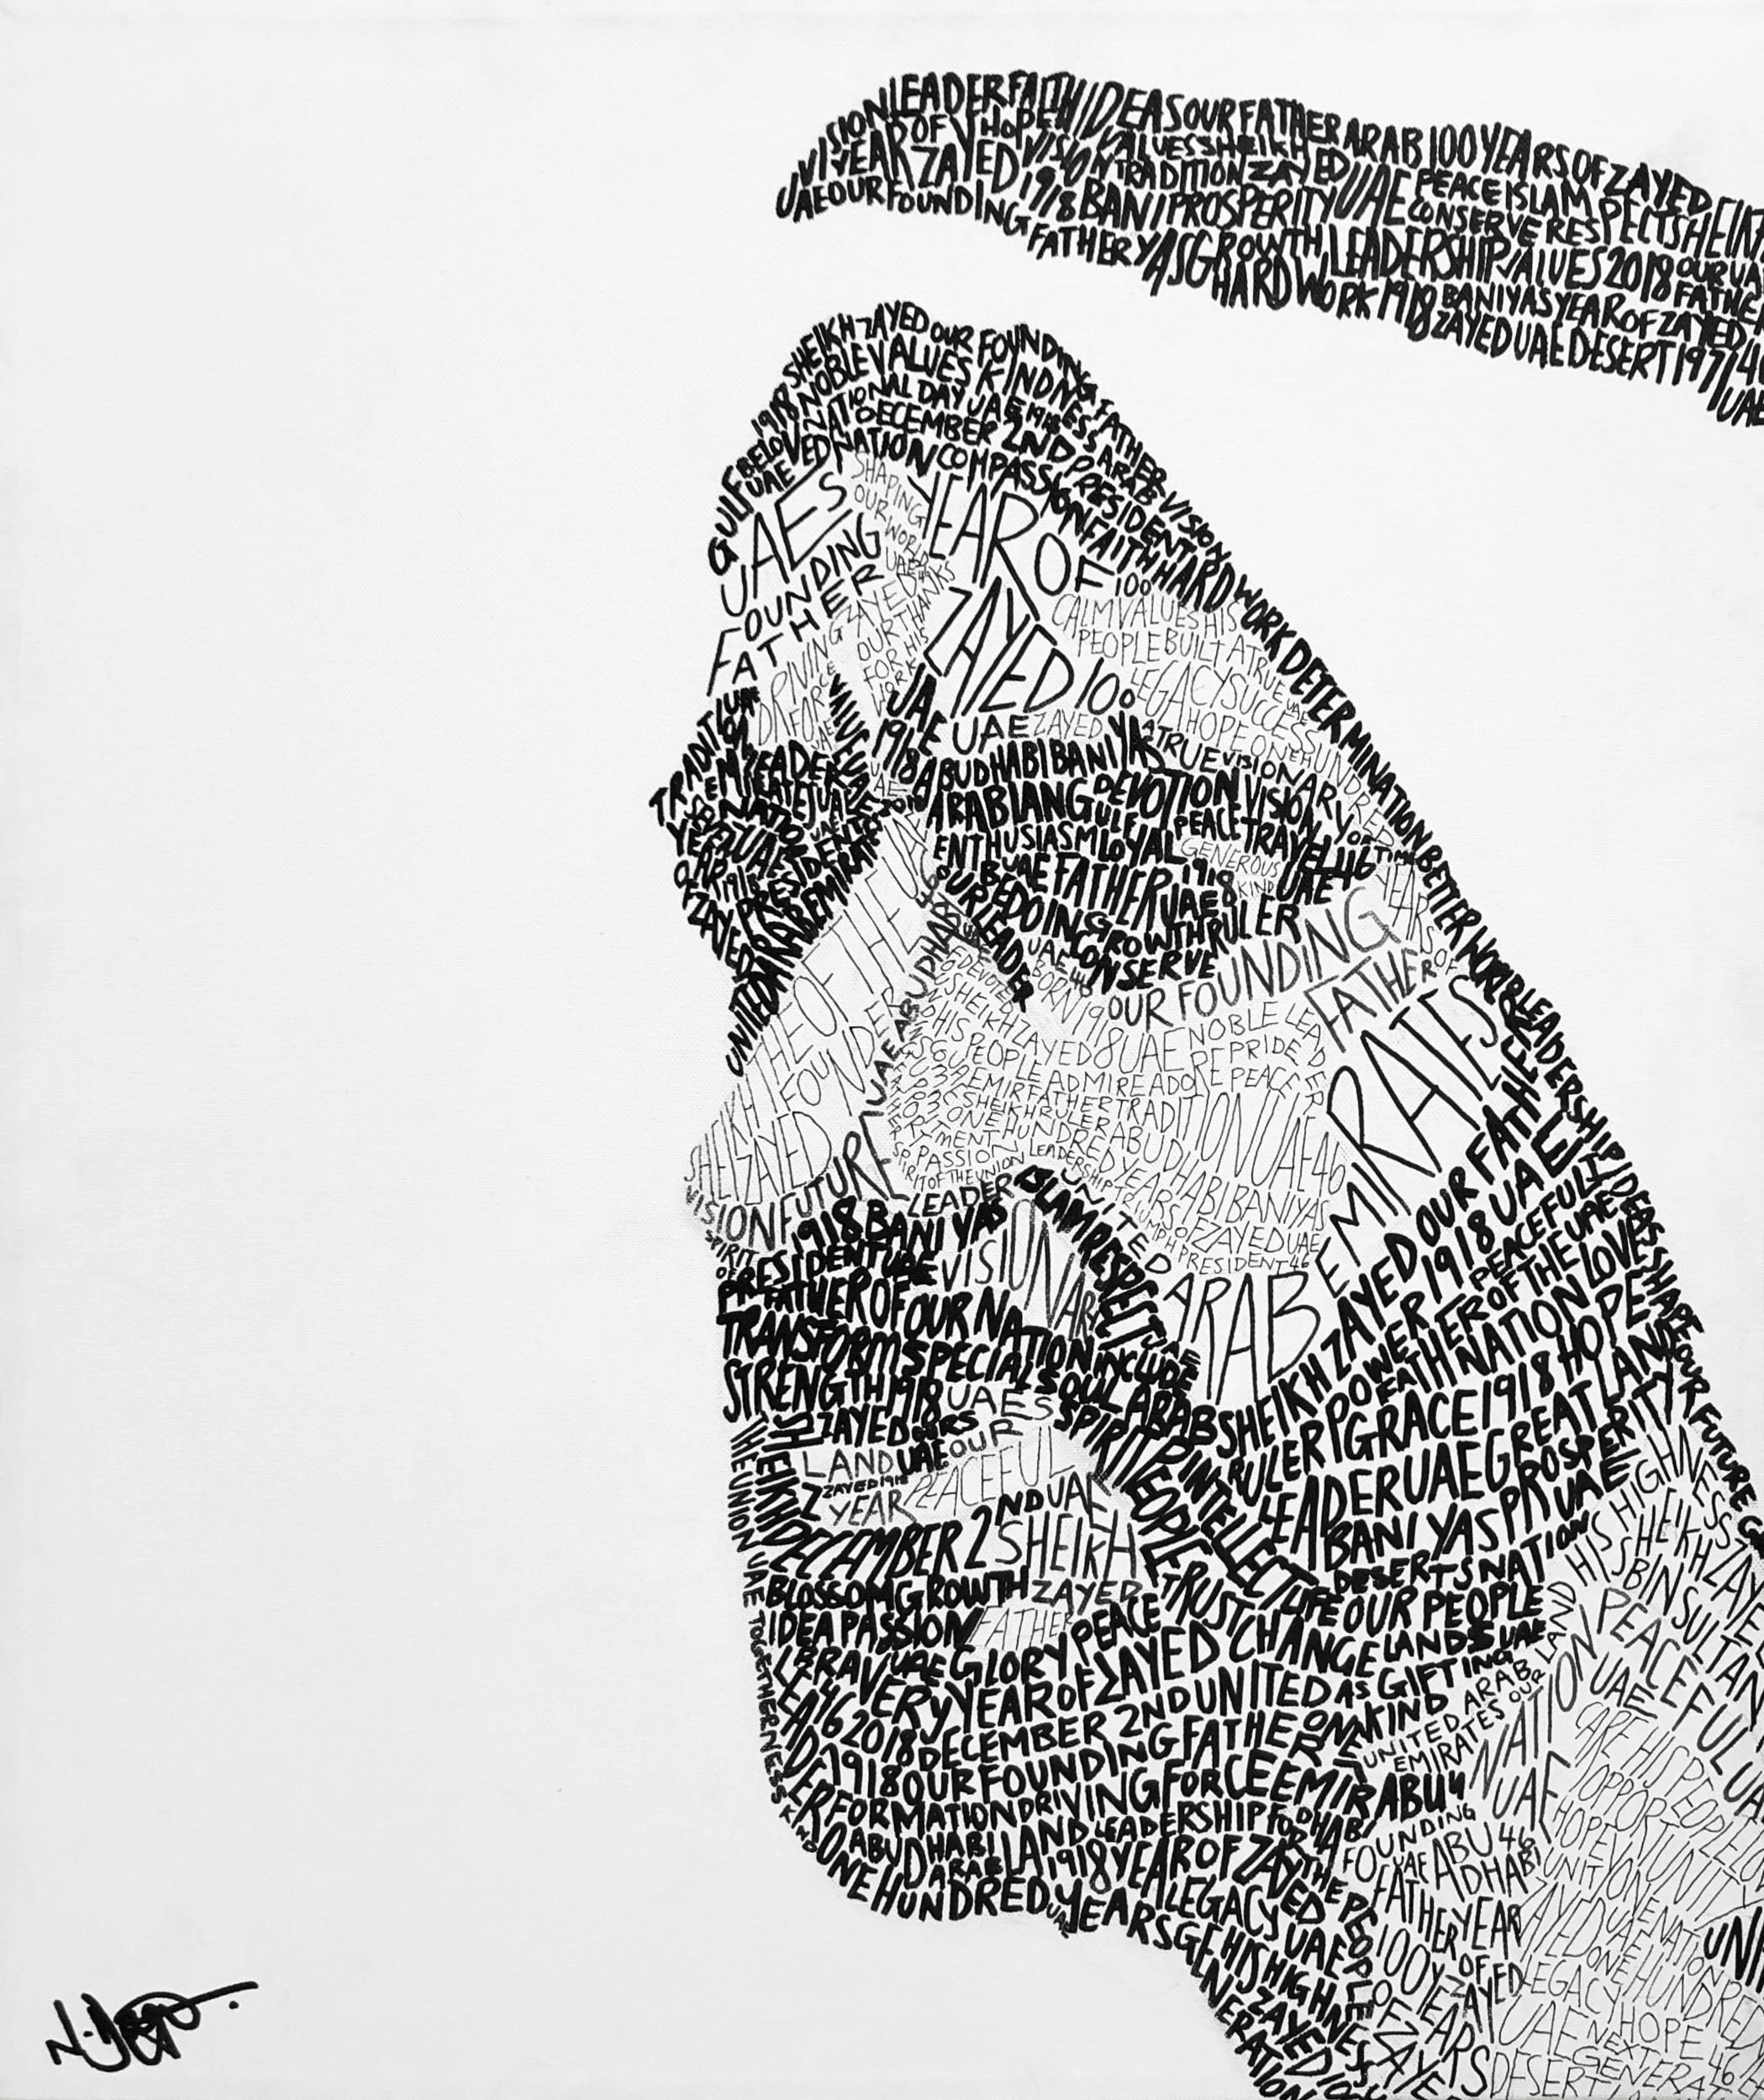 Story Of A Leader 2 Natalie Daghestani Art Dubai Artist BSAB  copy